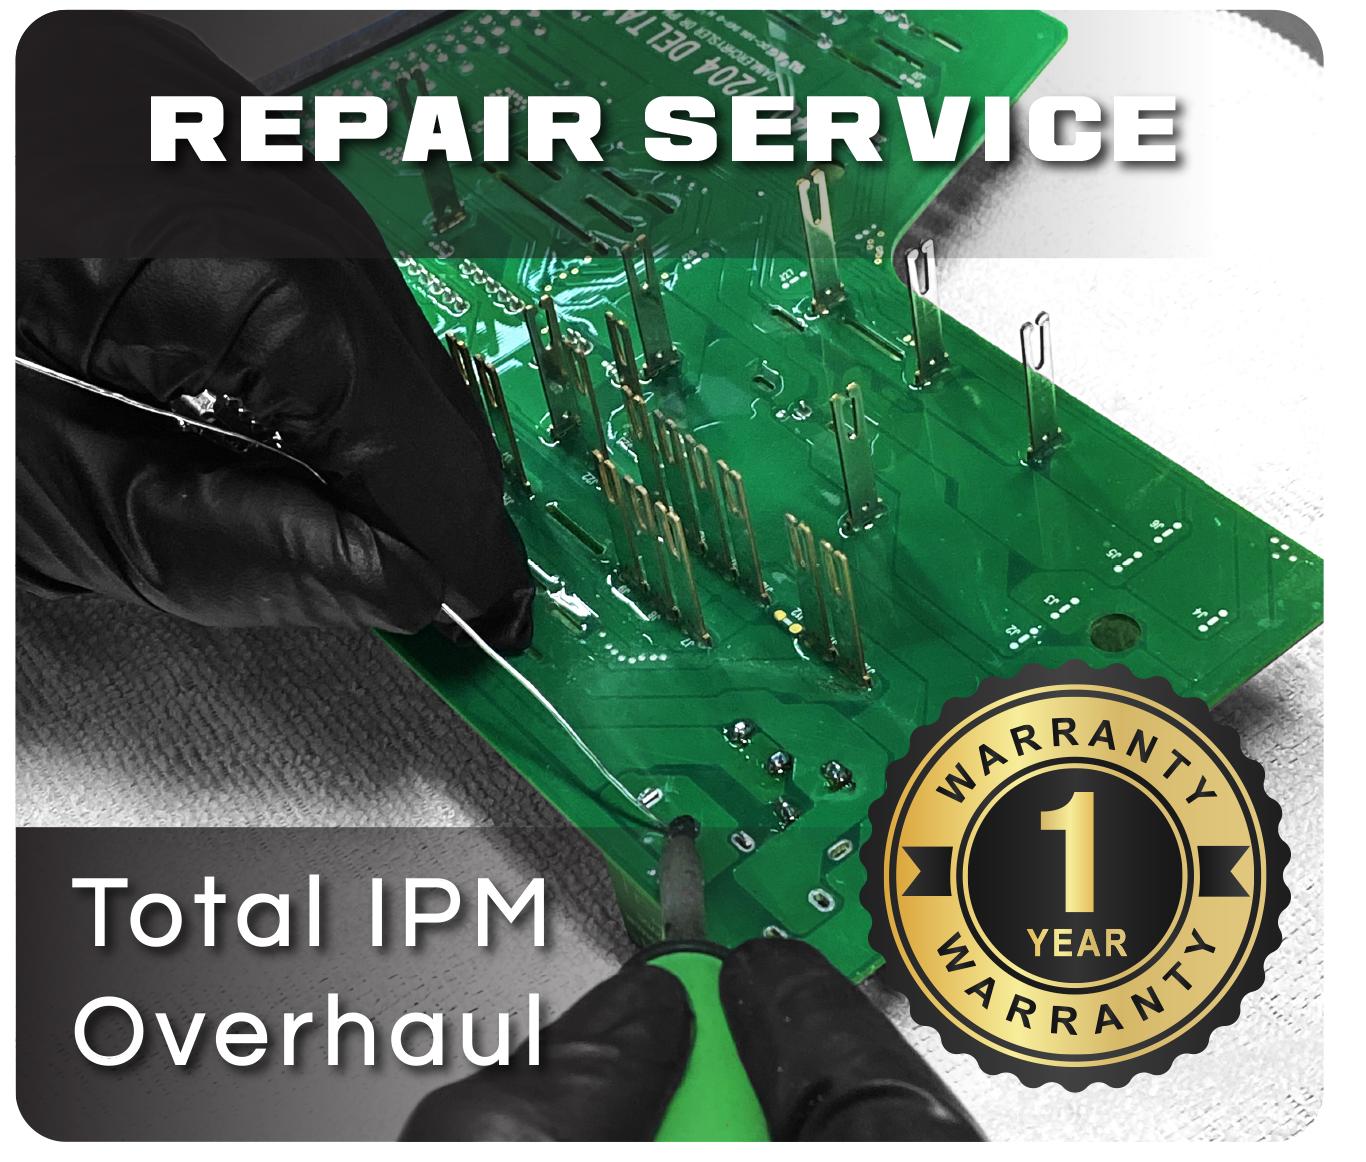 TIPM Repair - Total IPM Overhaul